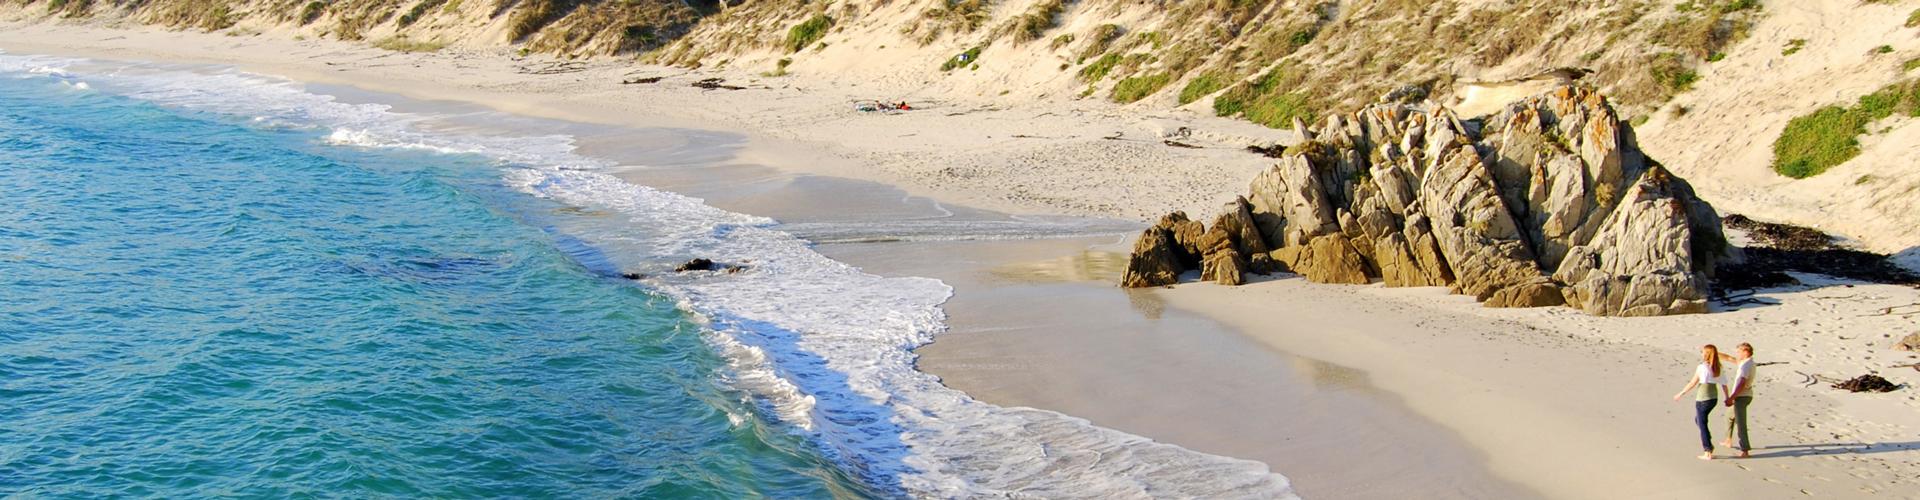 De stranden van Zuid-Afrika Header